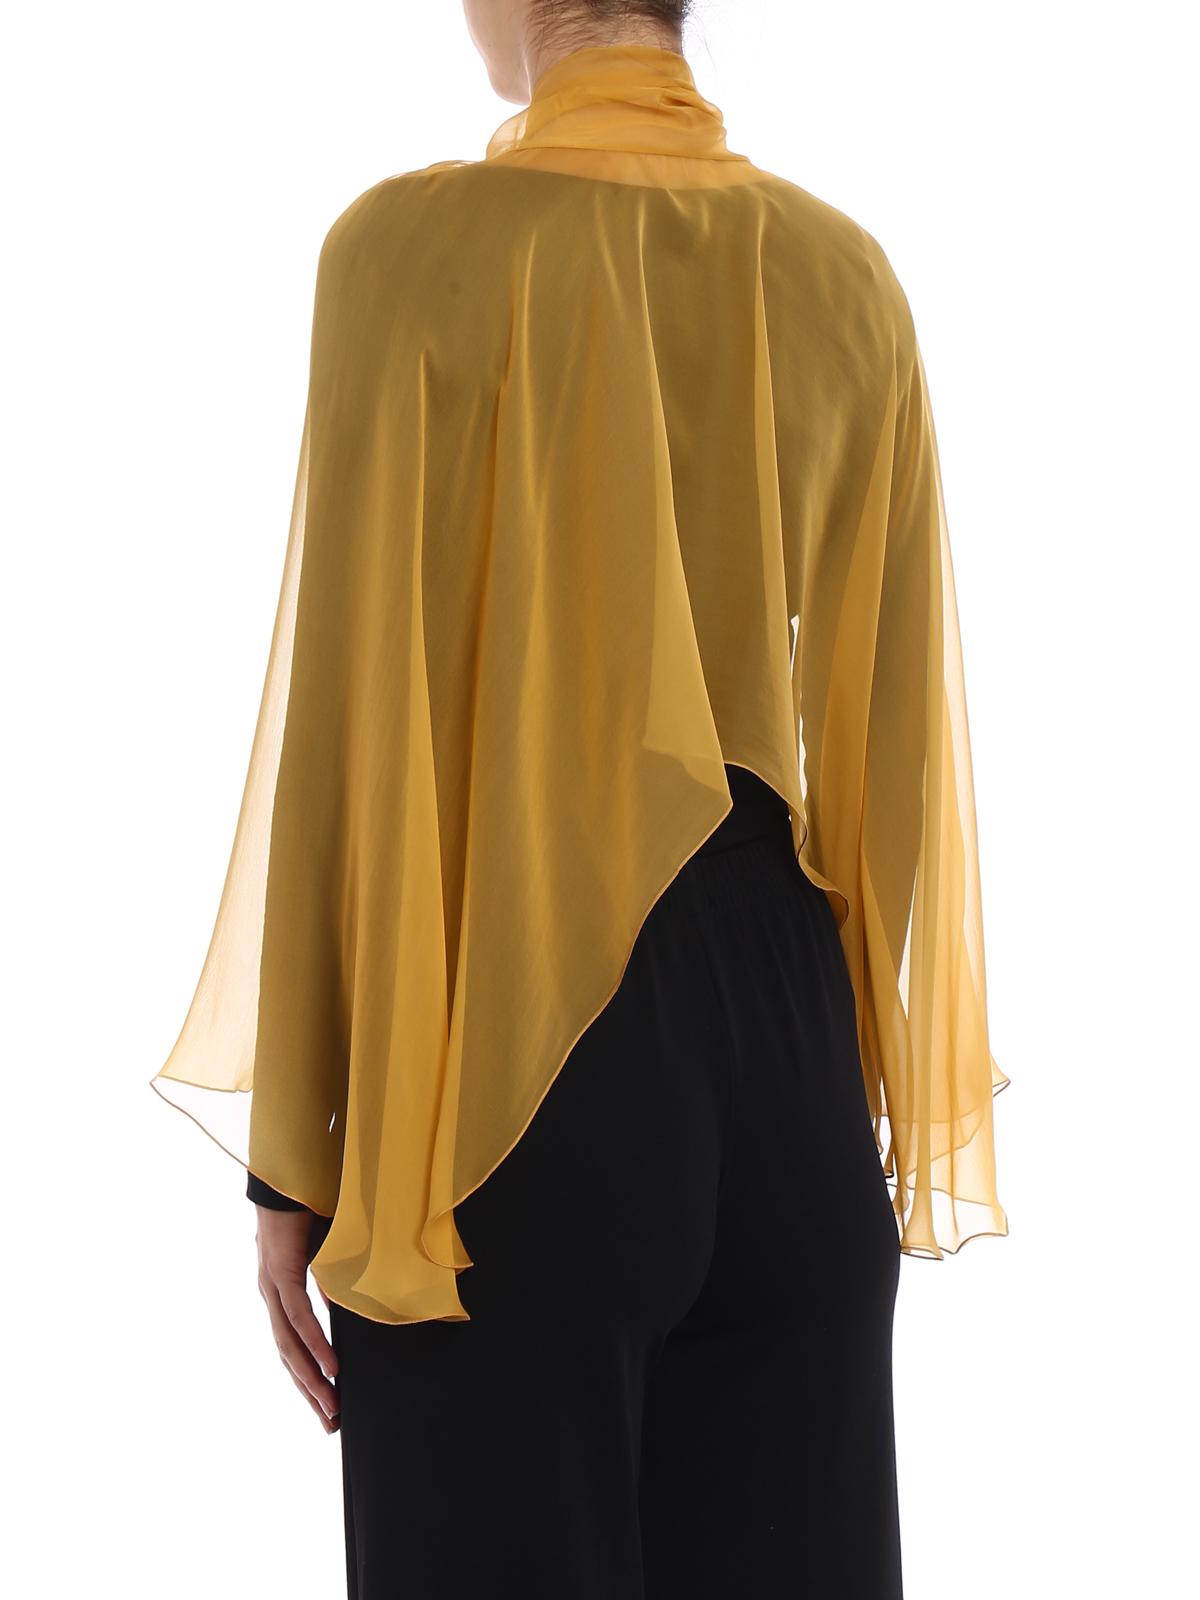 più foto 8d307 c5f7c Alberta Ferretti - Stola in chiffon di seta gialla - Stole ...